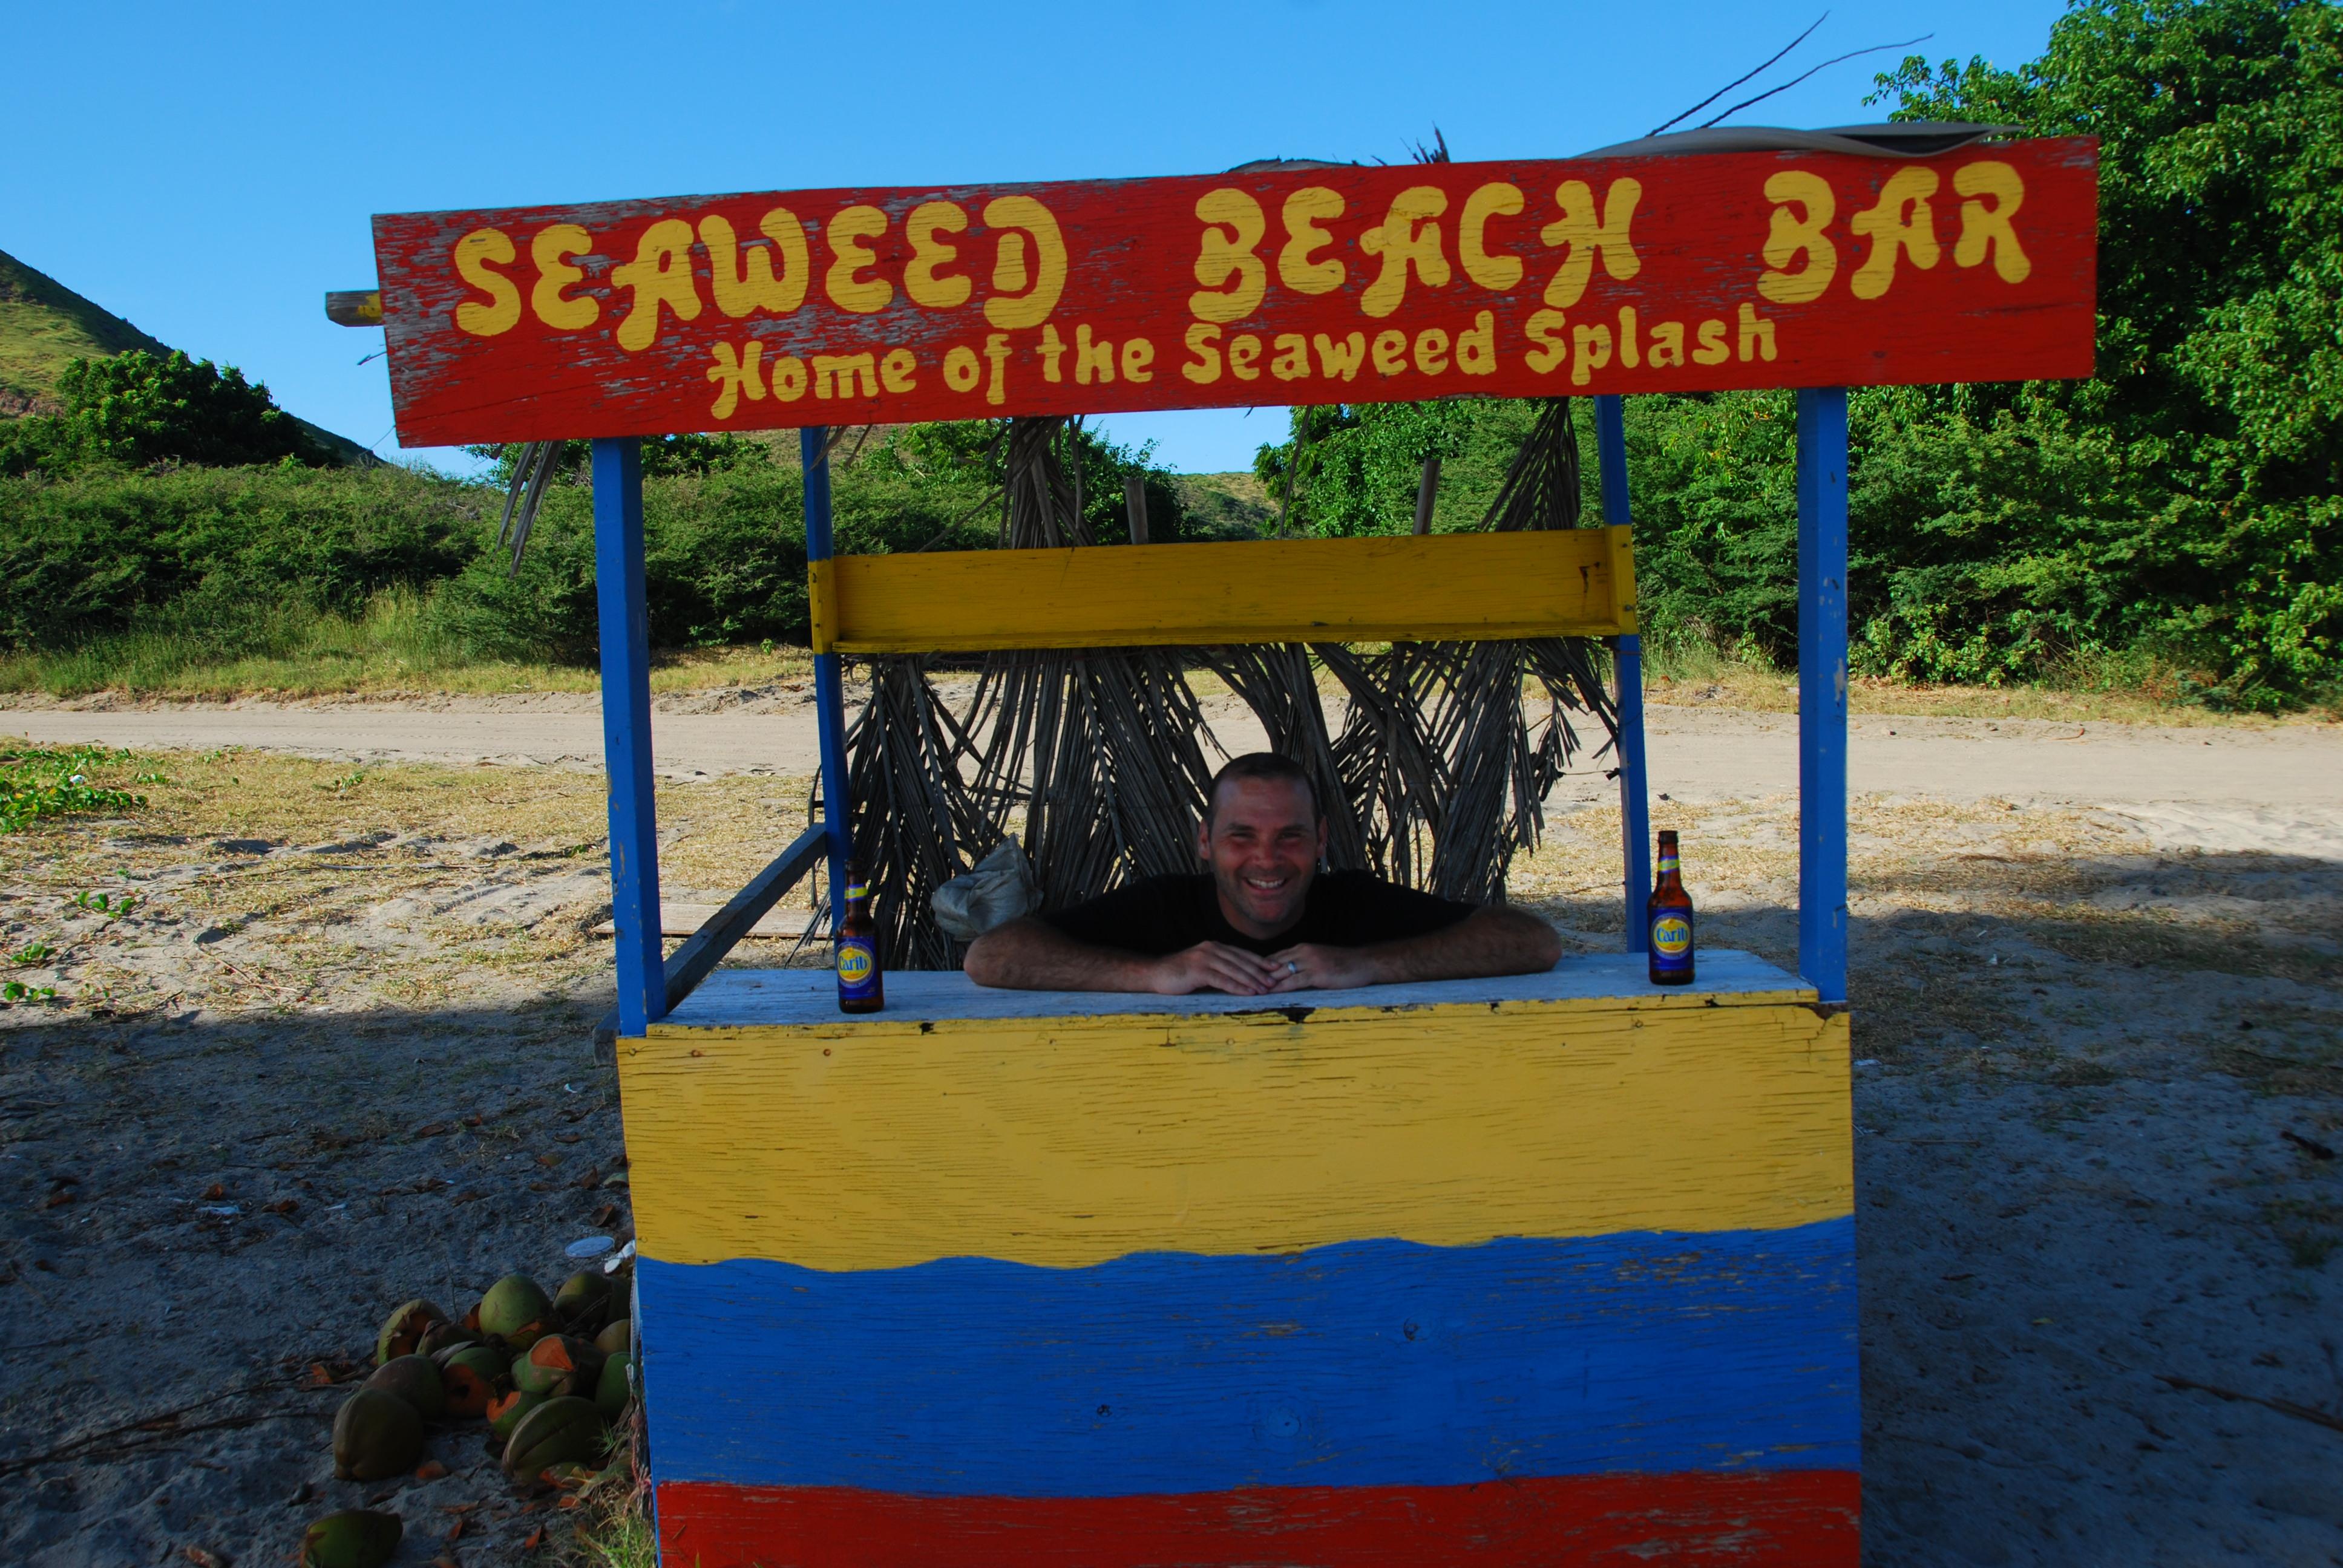 Beach Bar Bums 2012 Beach Bar Crawl - St. Kitts. Seaweed Beach Bar